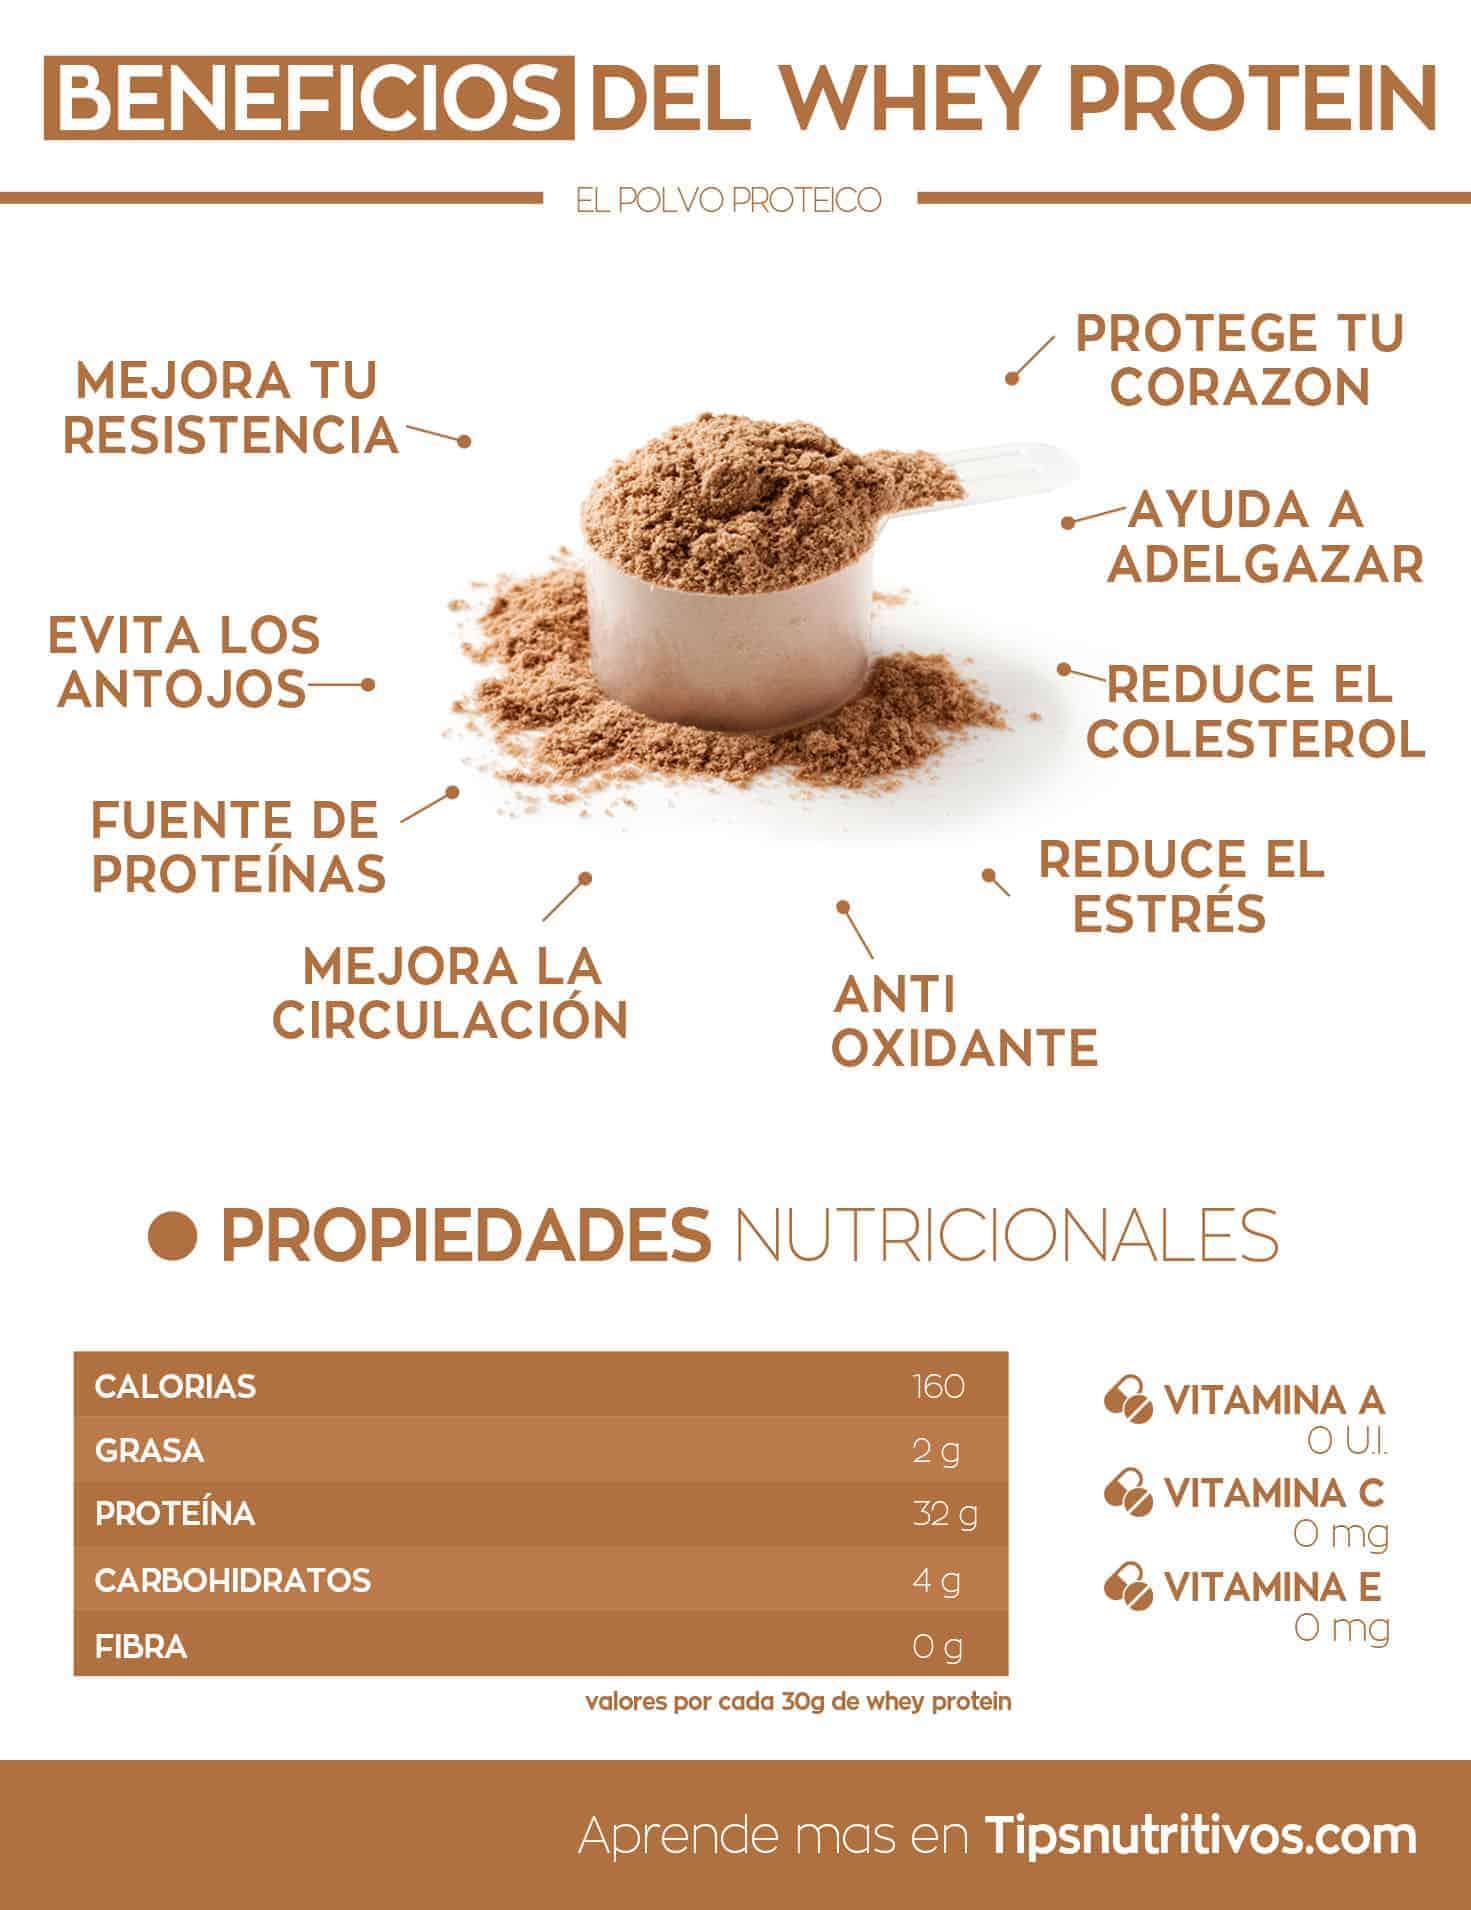 Beneficios del whey protein - Infografia